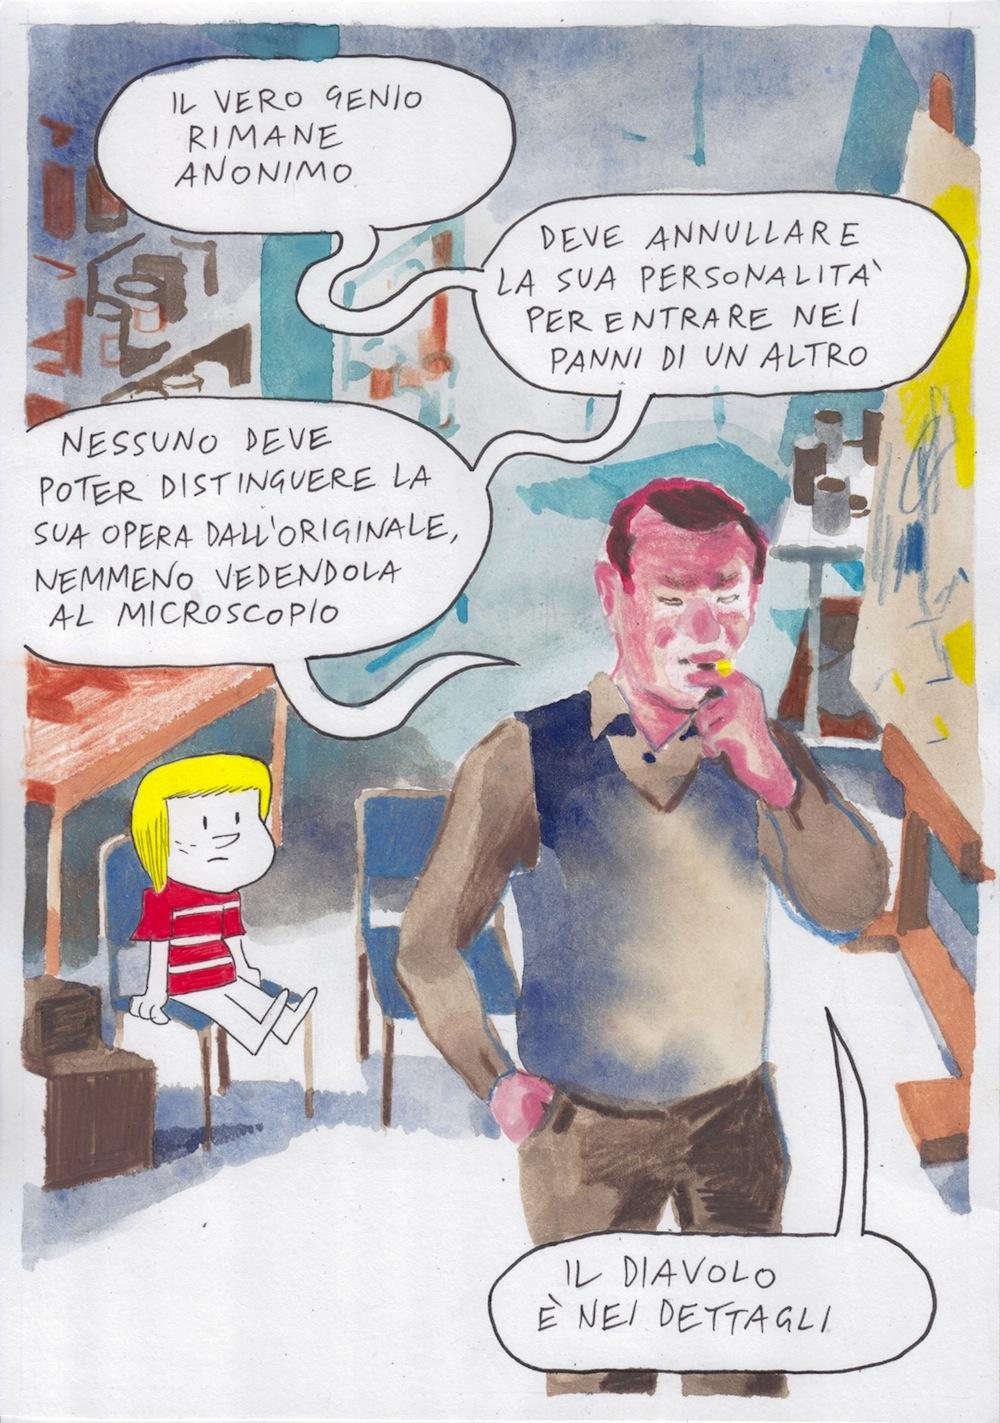 Coppie Miste #3: Alice Milani + Tuono Pettinato